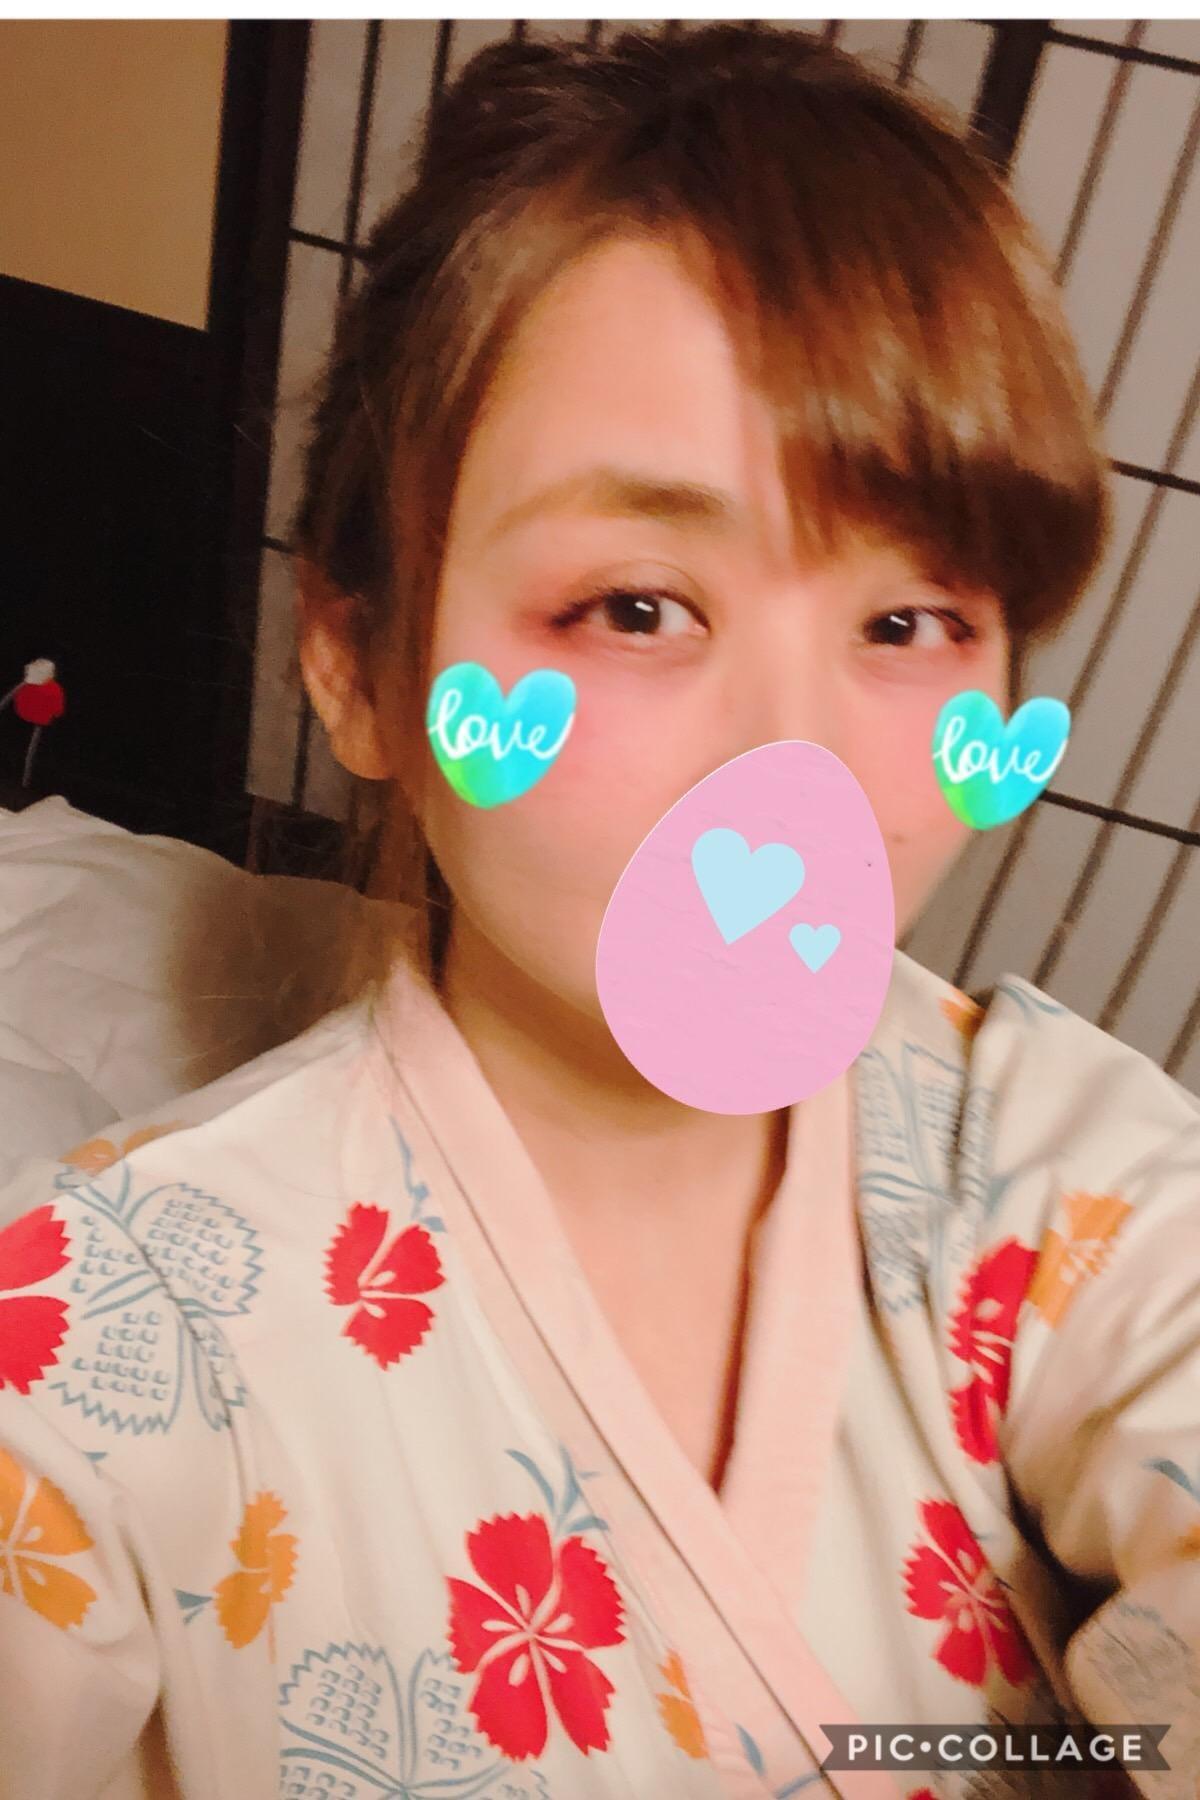 「5月12日(土)」06/13日(水) 22:25 | りおの写メ・風俗動画